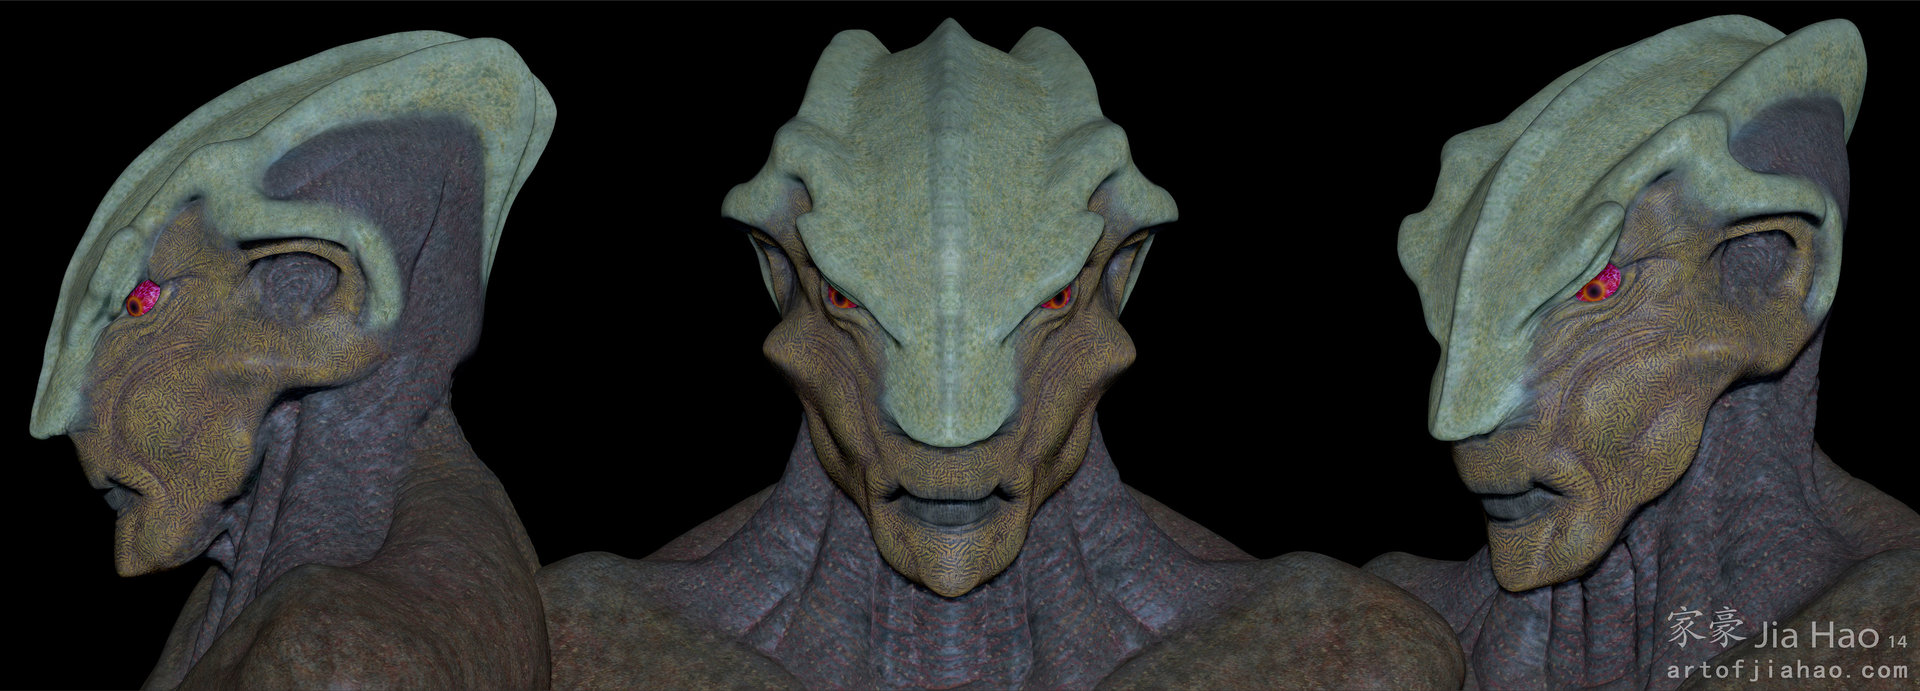 Jia hao 2014 01 alien bust 2 views beauty